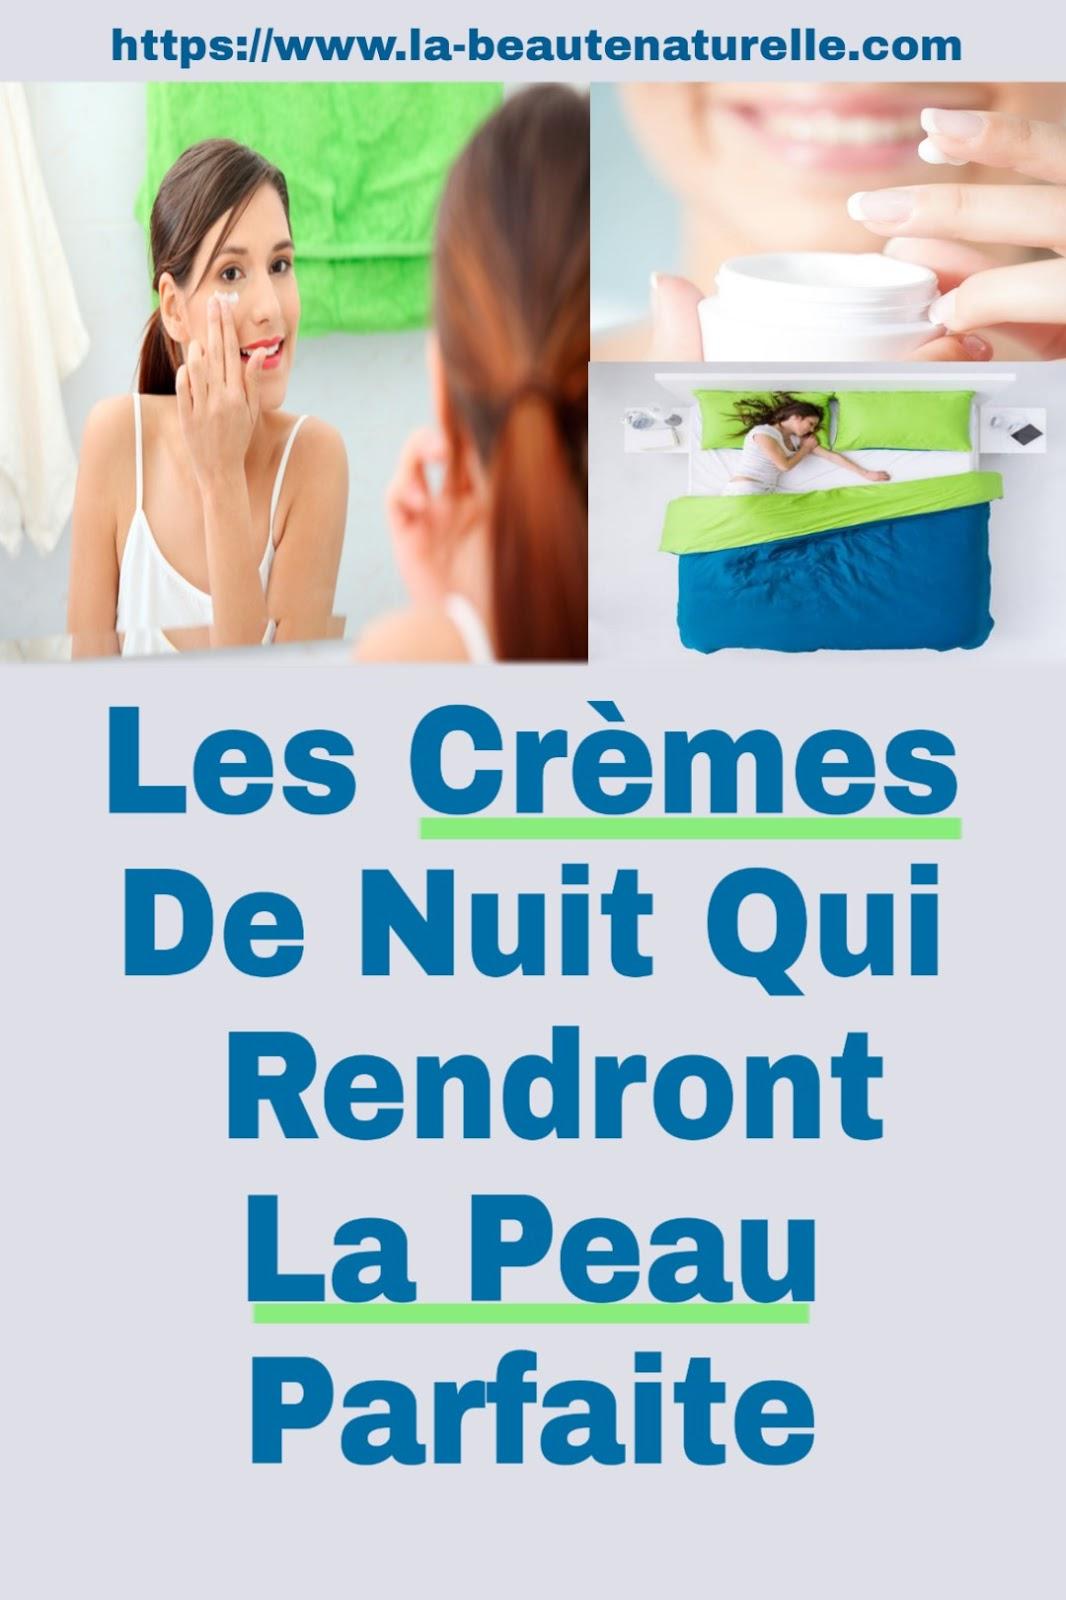 Les Crèmes De Nuit Qui Rendront La Peau Parfaite